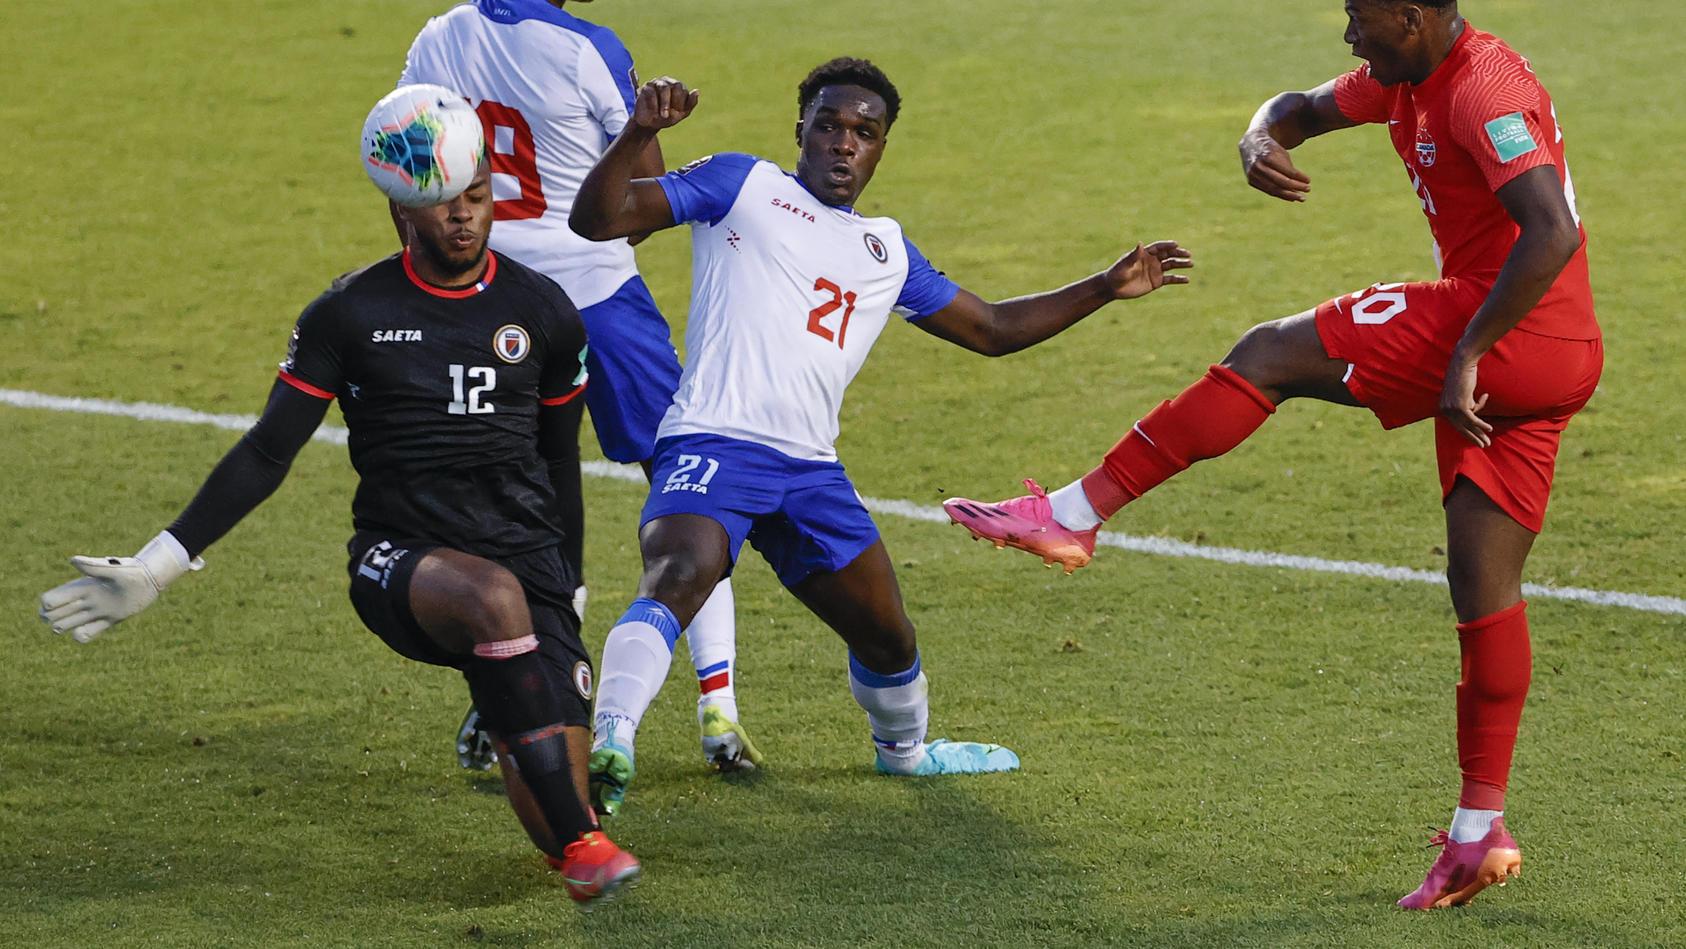 In dieser Szene konnte Josue Duverger (Nummer 12) noch einen Ball abwehren.